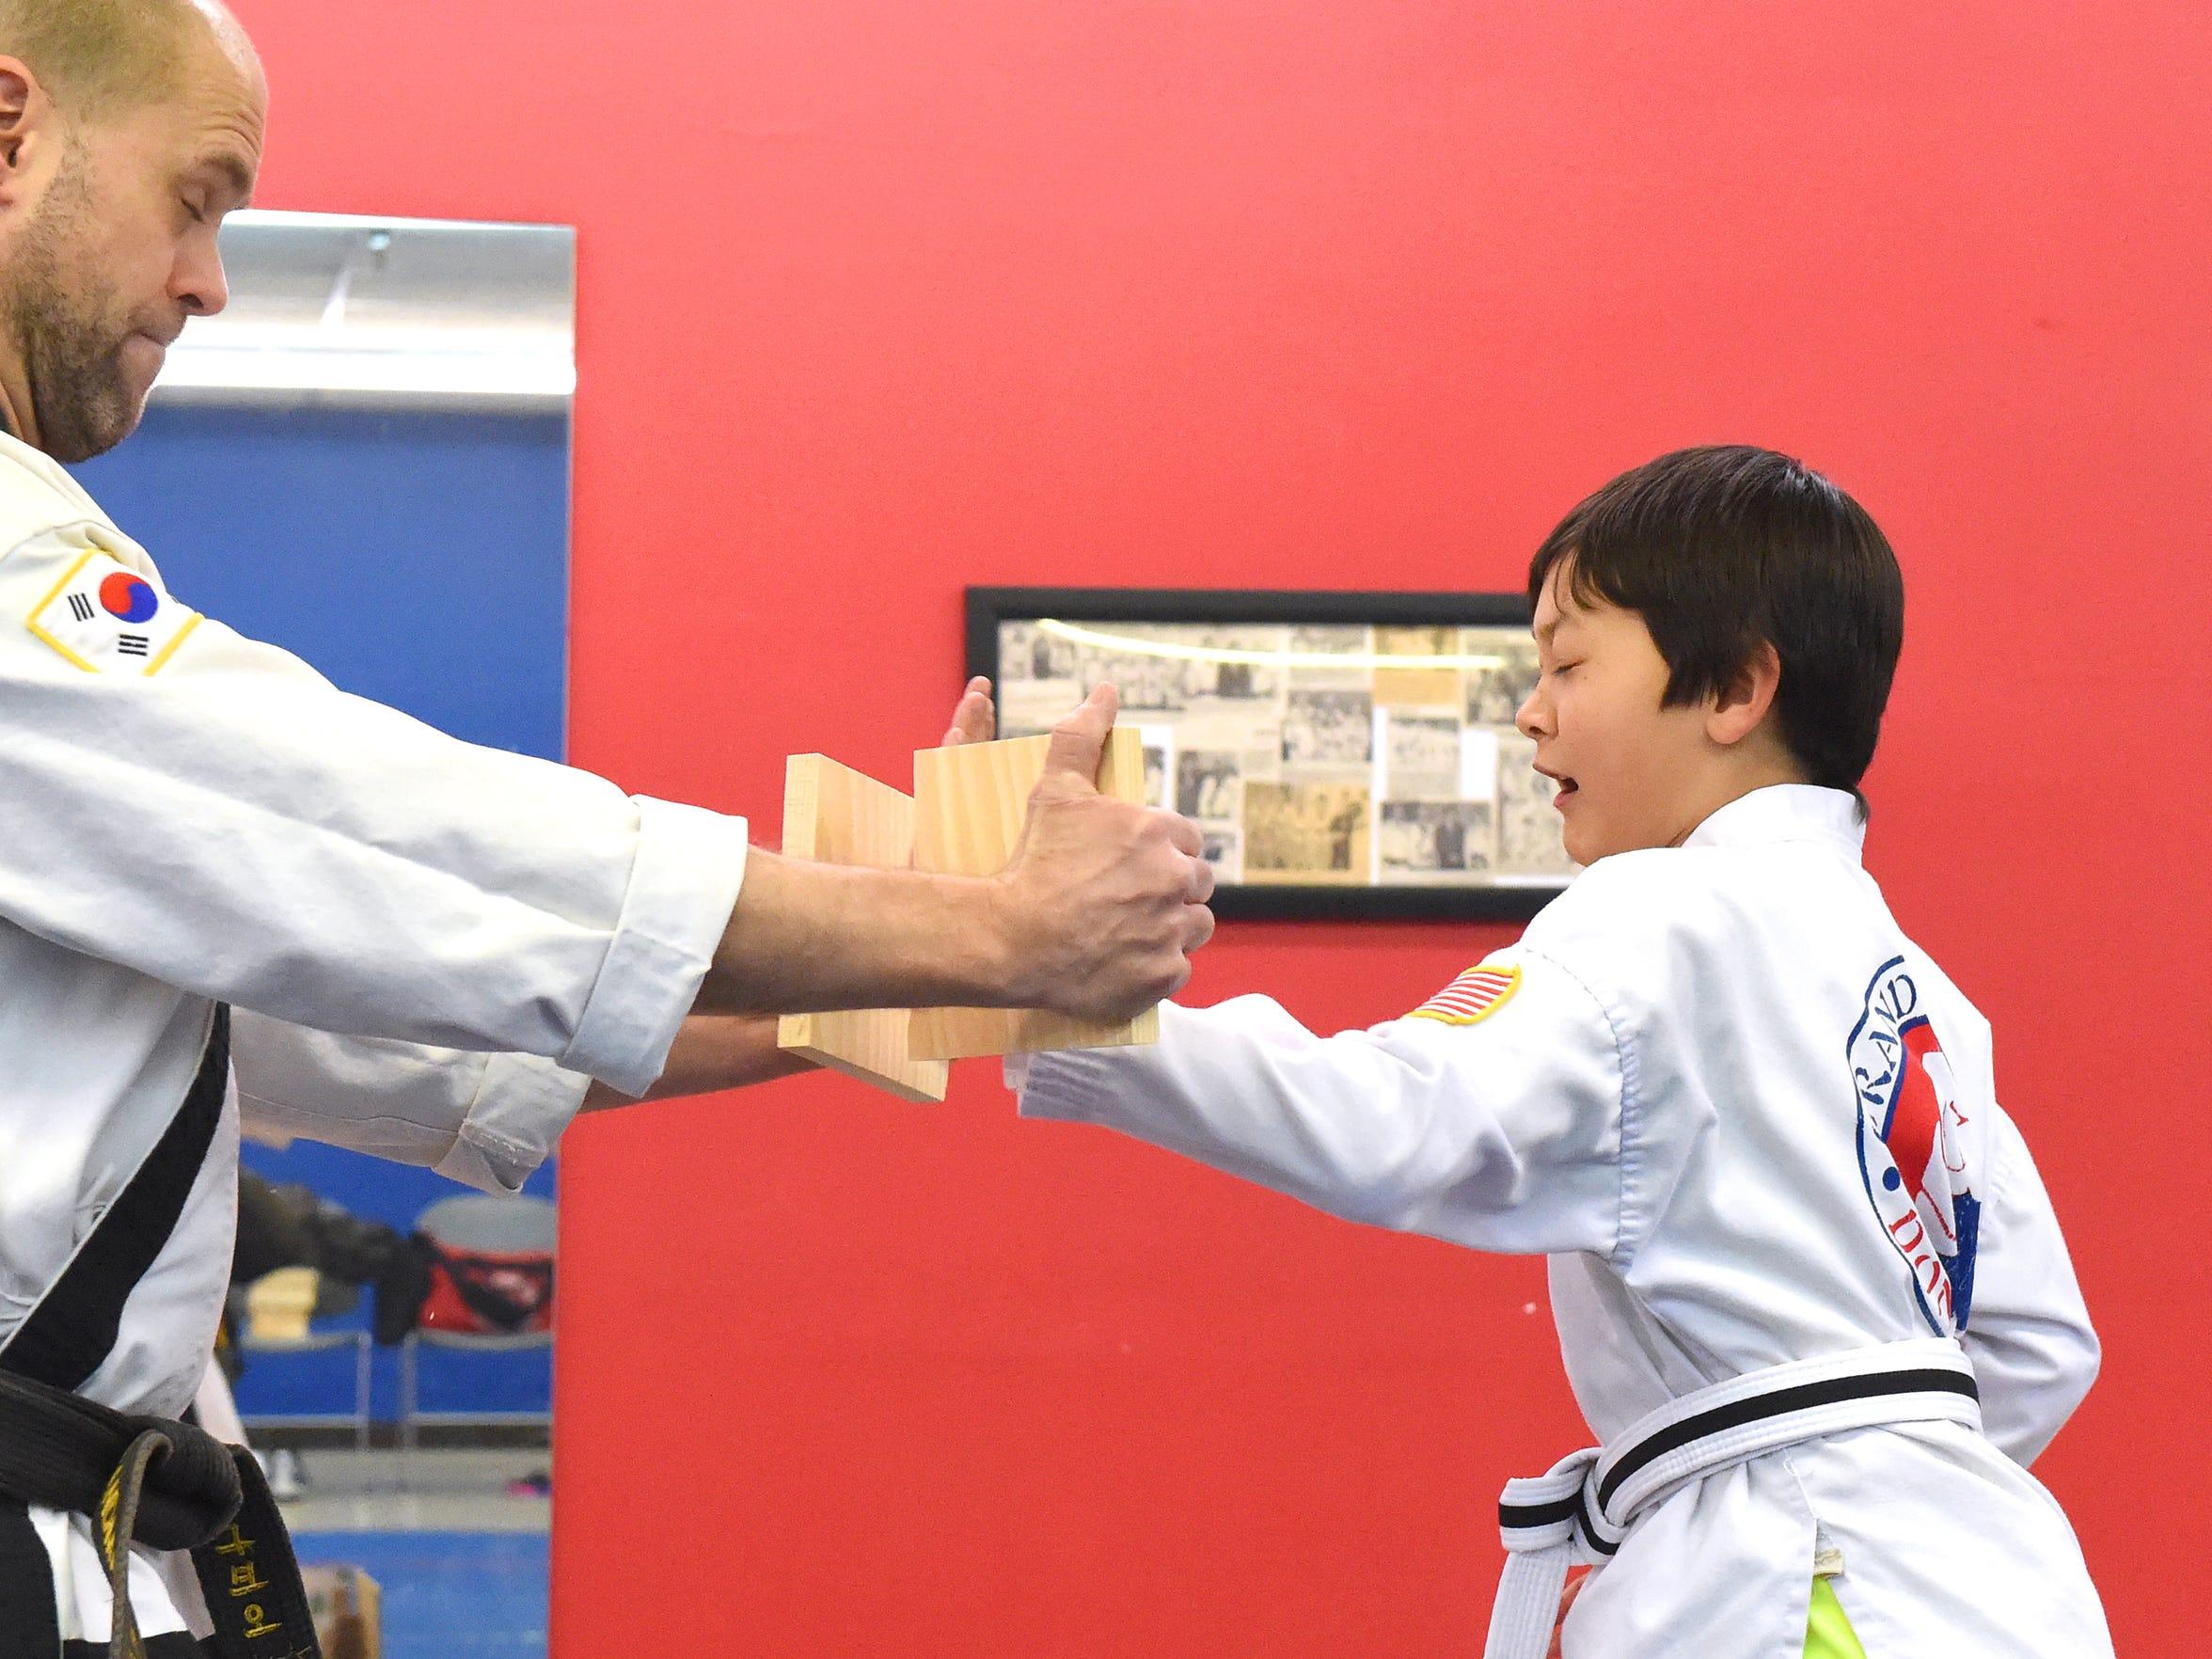 Ten-year-old B.C. Sommerfield, a BoDan (pre-black belt)